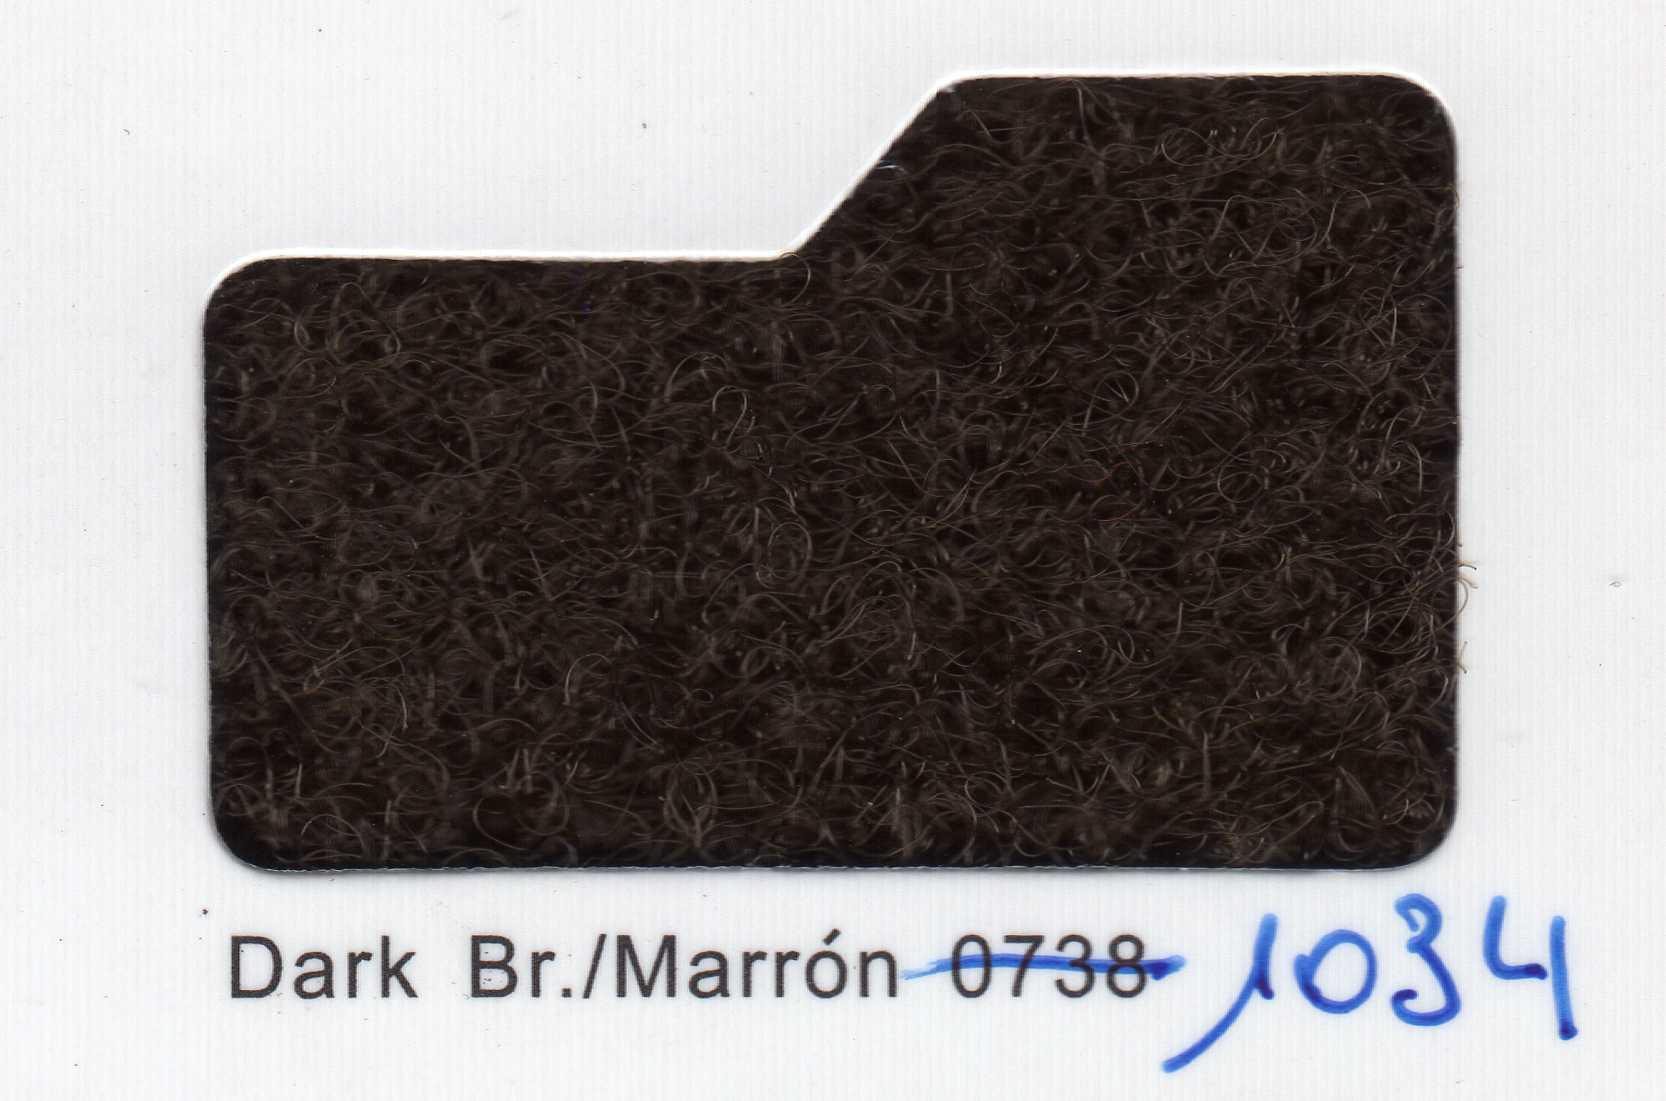 Cinta de cierre Velcro-Veraco 50mm Marrón 1034 (Gancho).